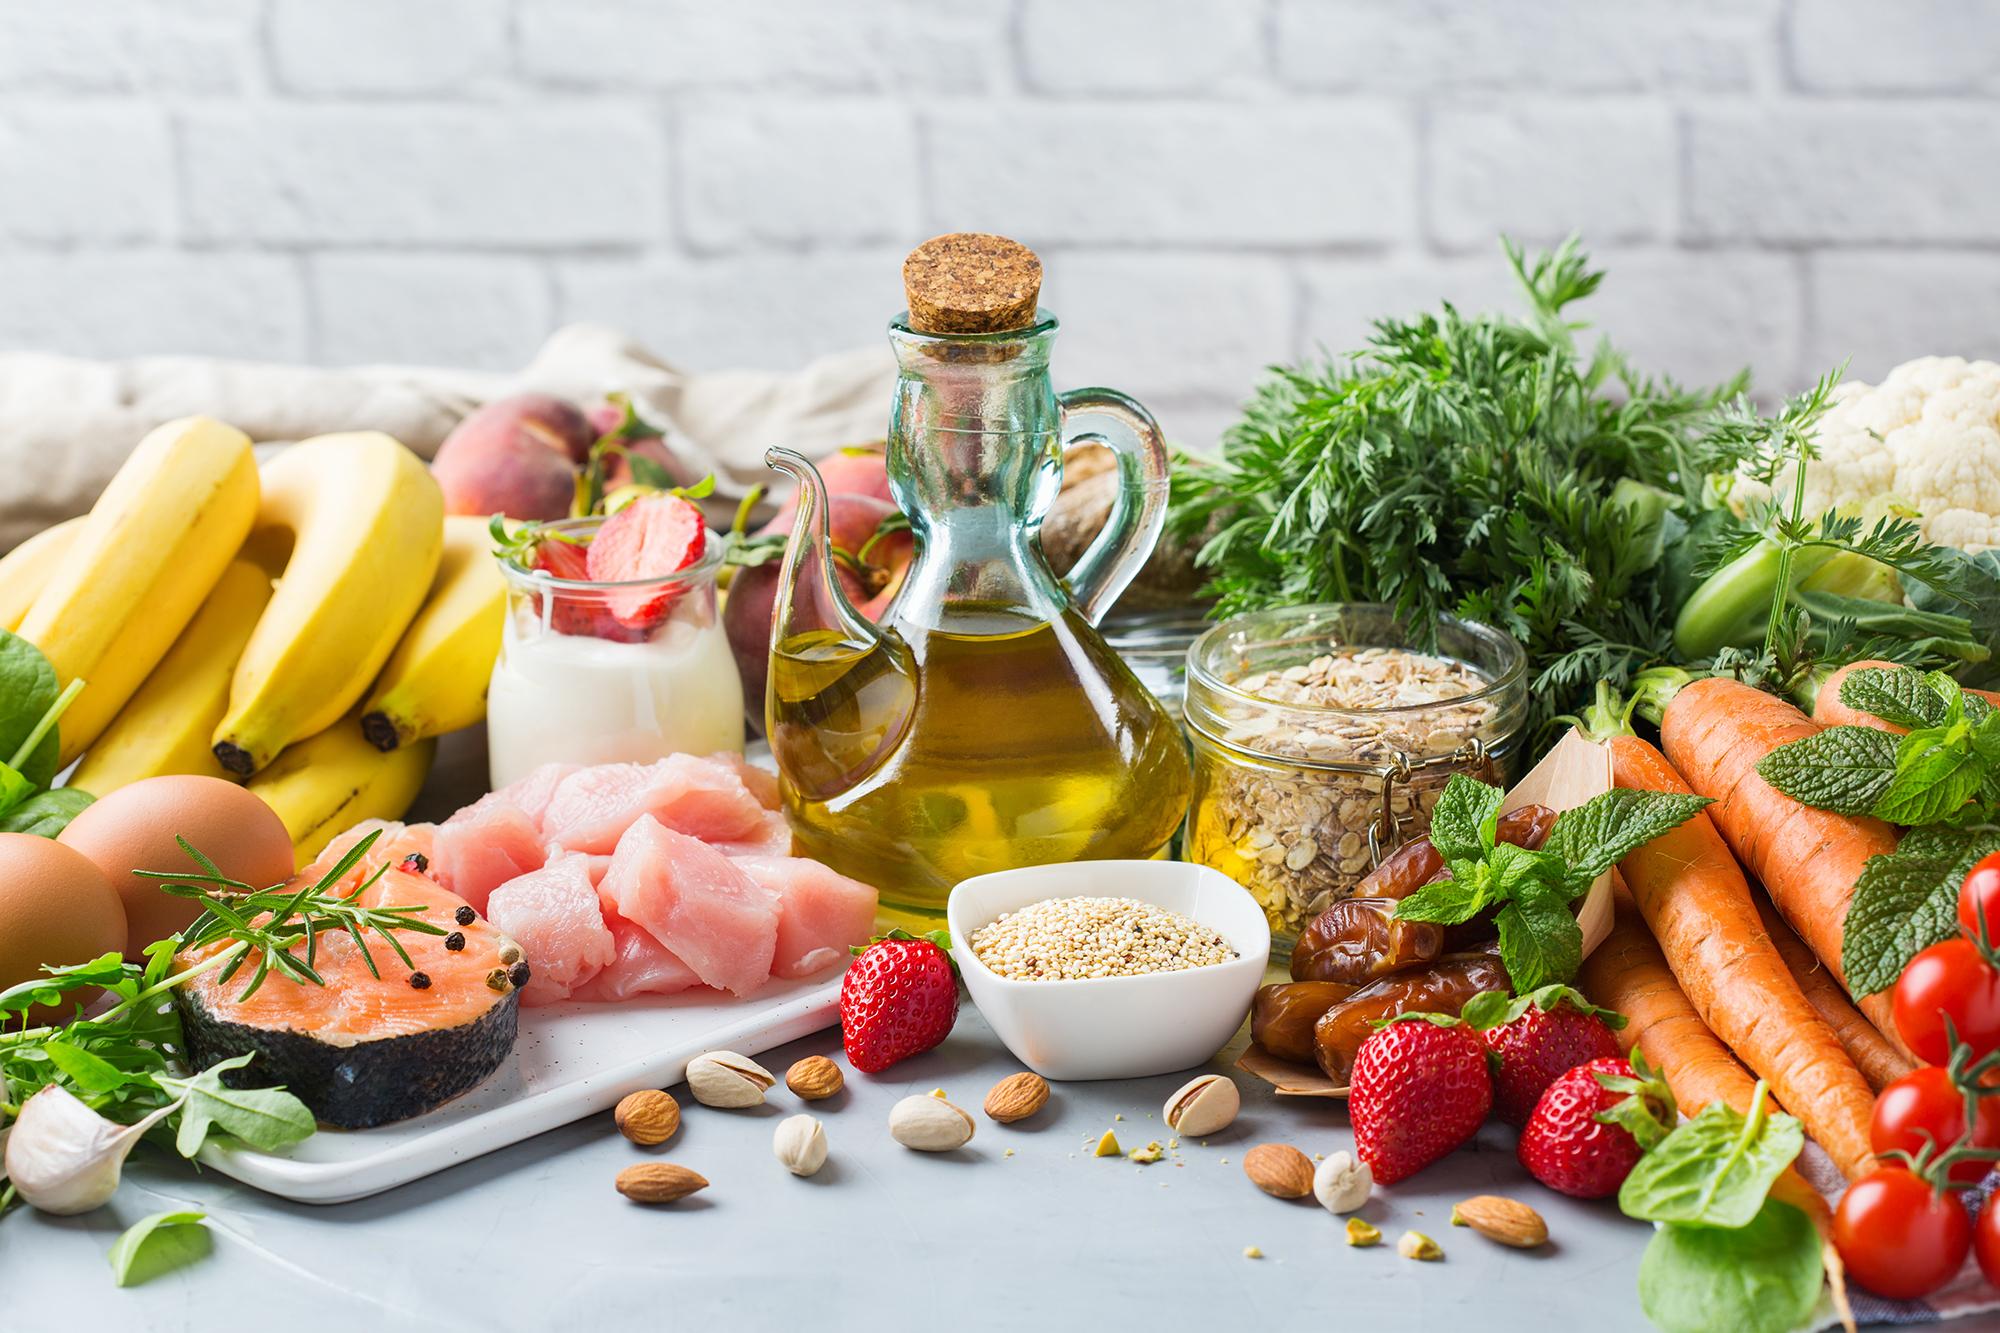 La dieta MIND: alimentos, recetas y casos especiales 3